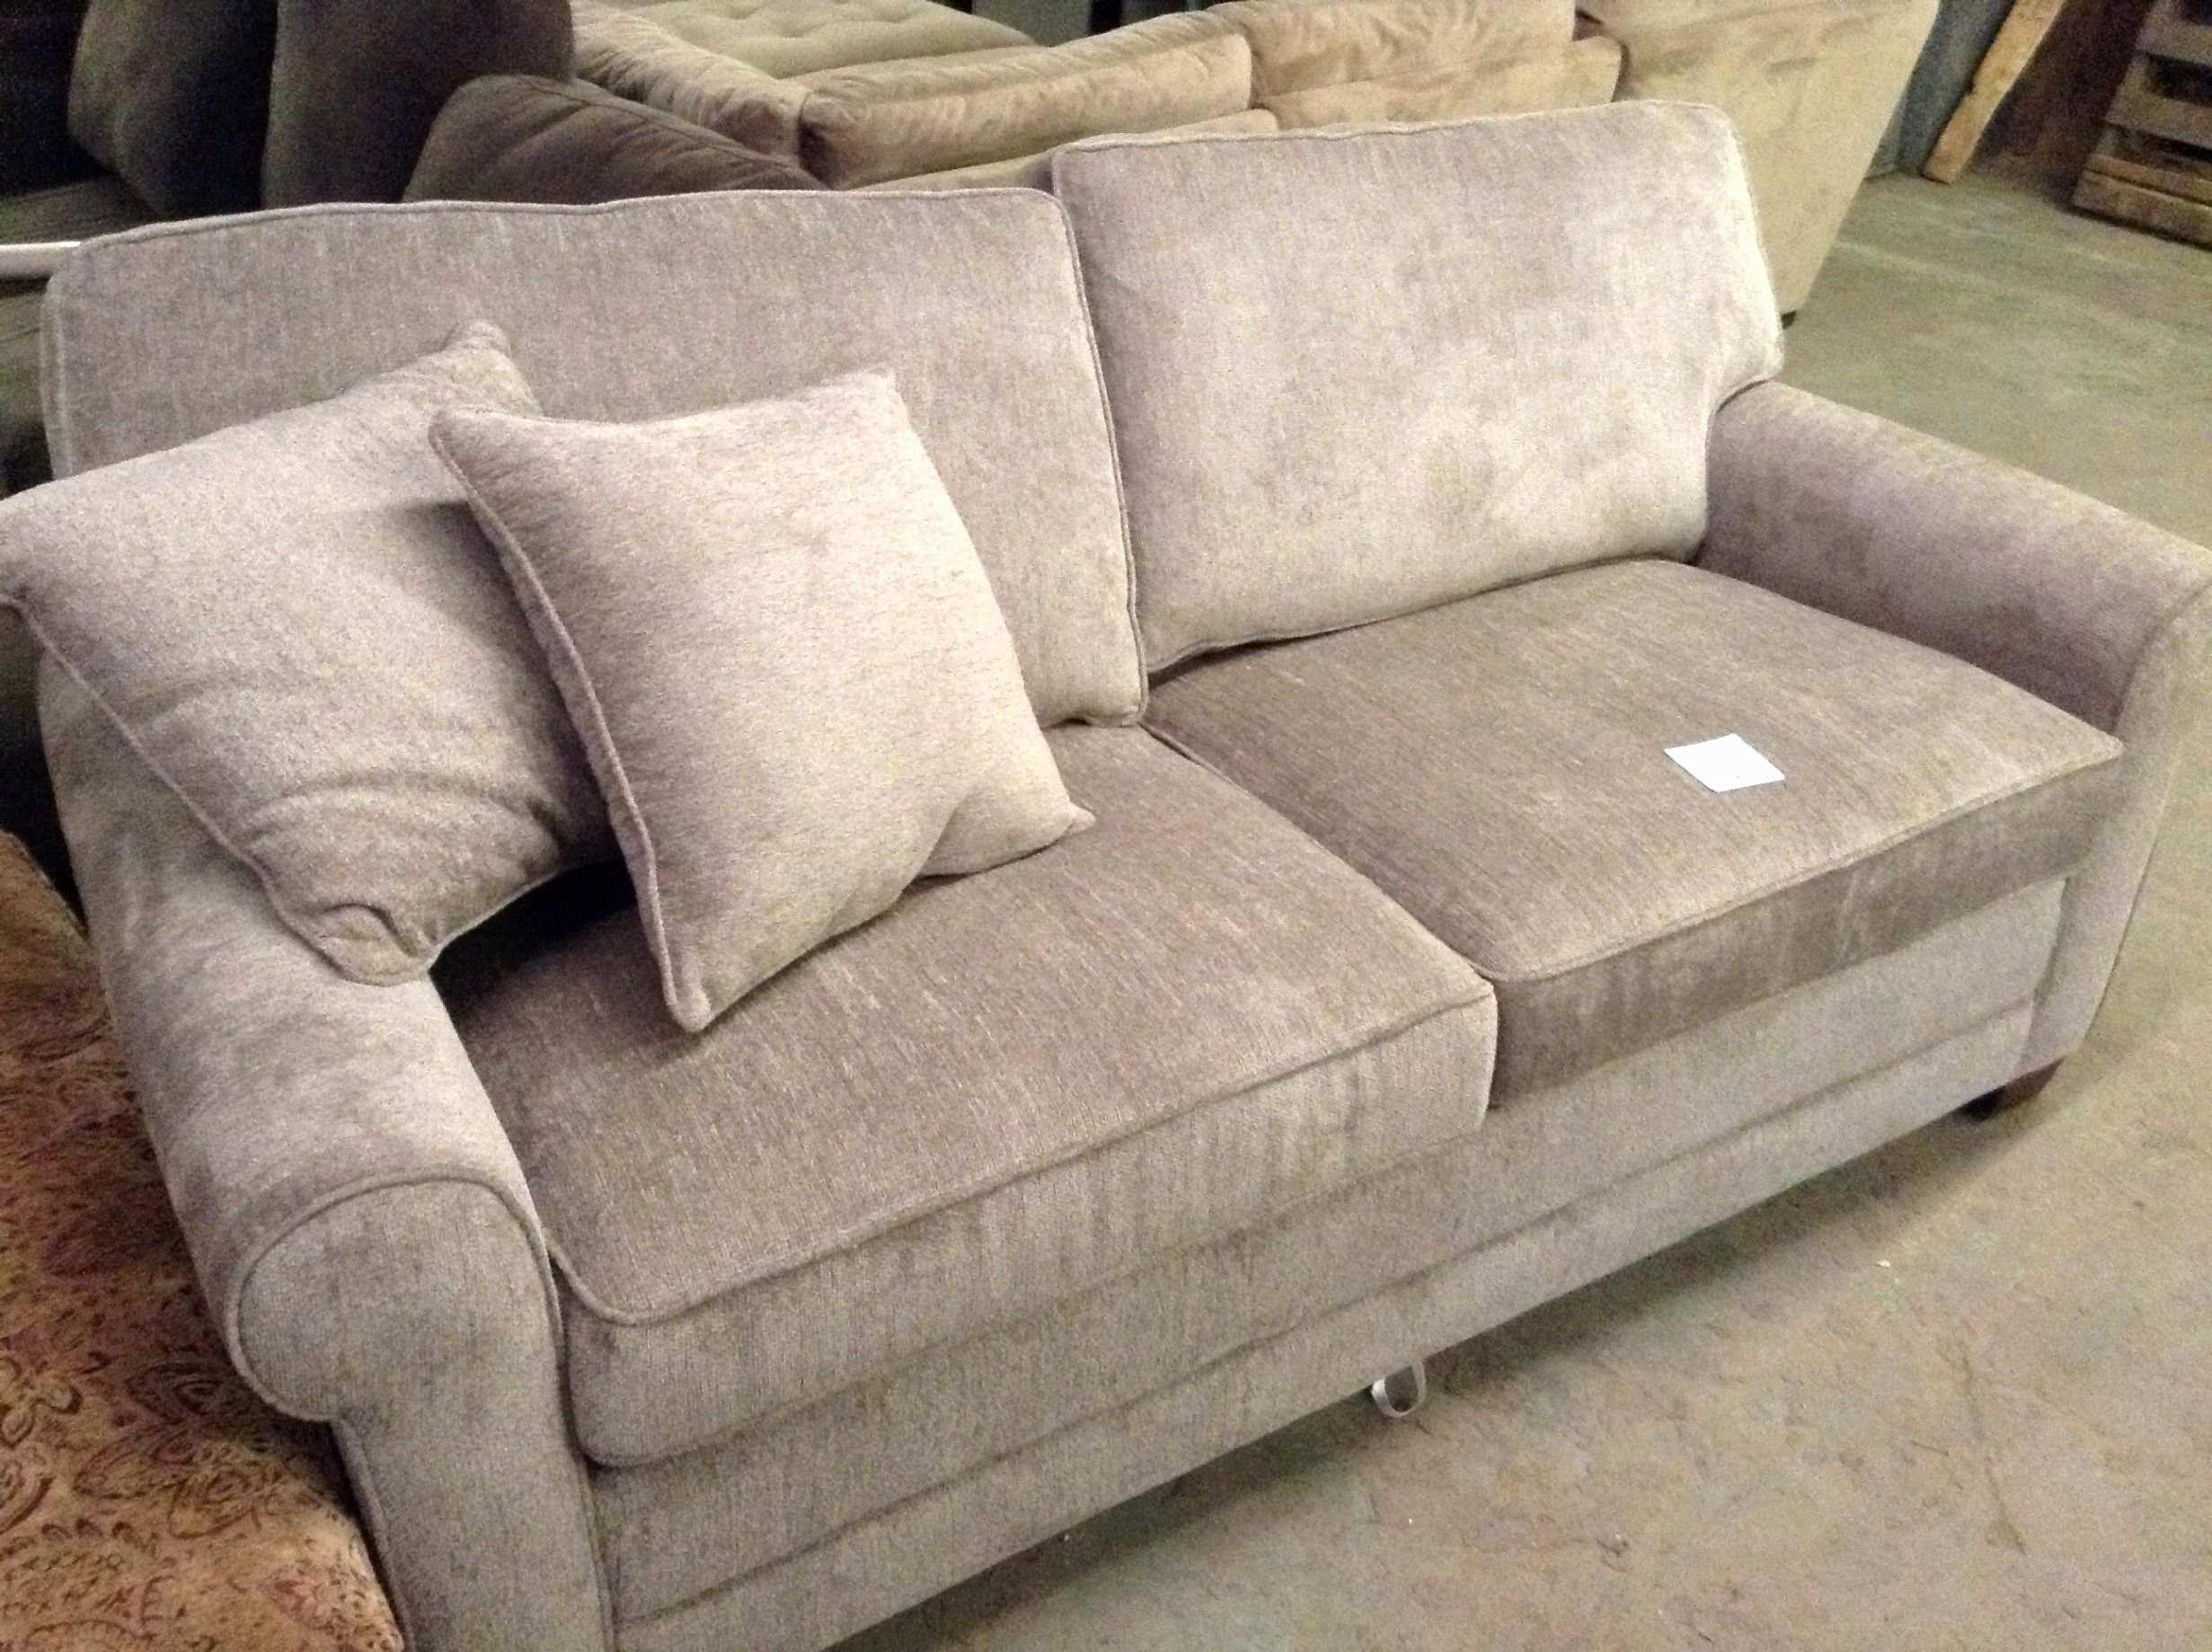 sofa und sessel einzigartig stuhl neu beziehen couch neu beziehen best sessel beziehen of sofa und sessel